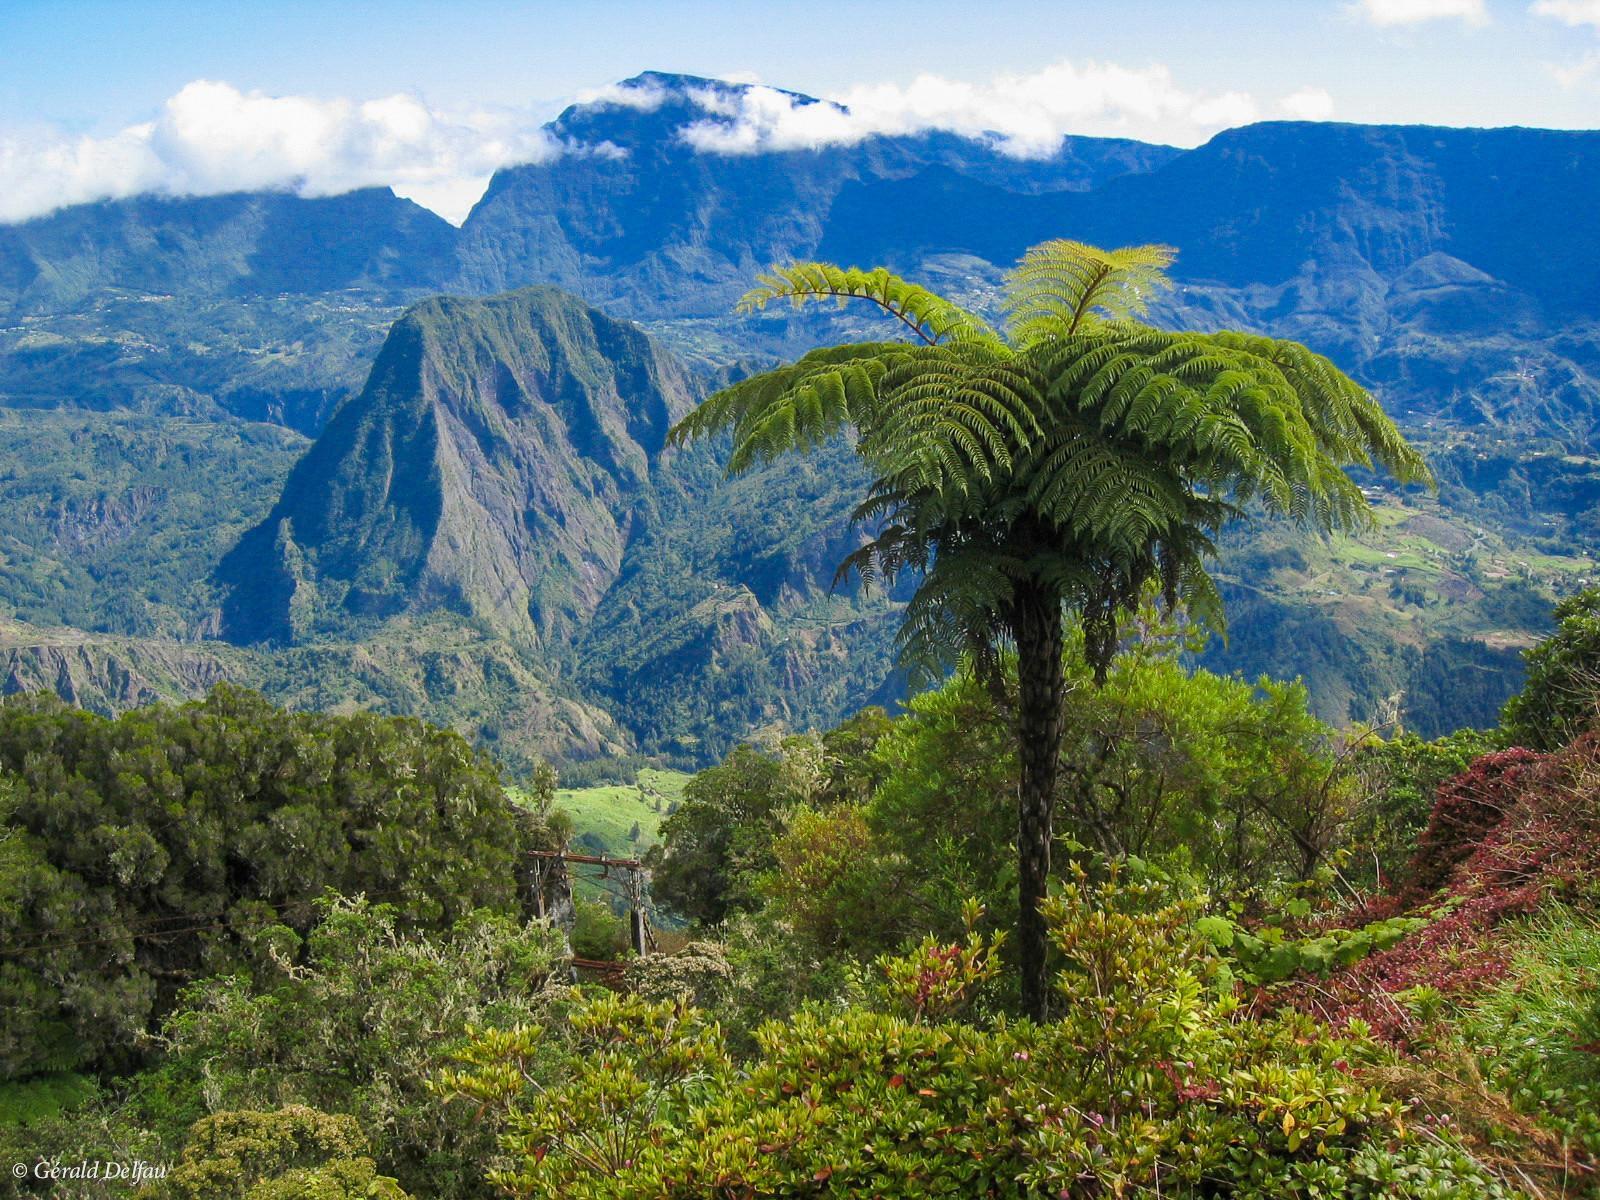 Fougère arborescente, Ile de la Réunion